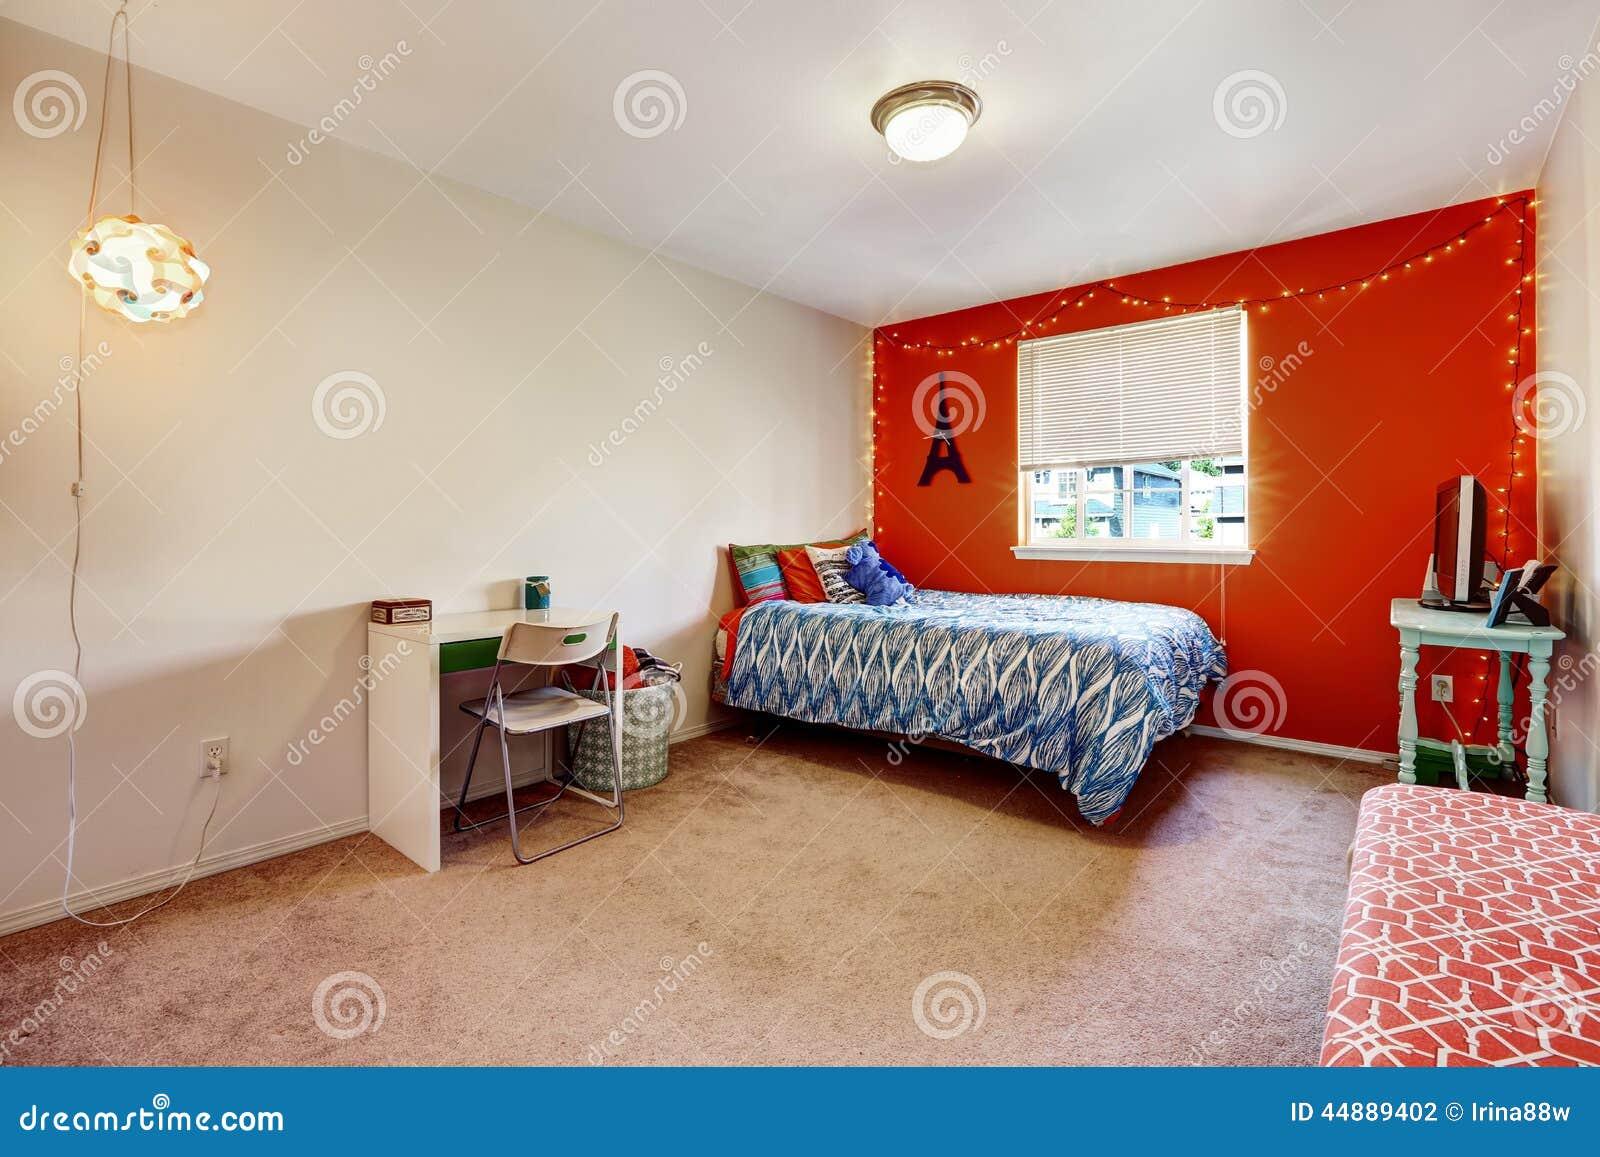 Camera da letto con la parete rossa luminosa fotografia - Camera da letto con tv ...